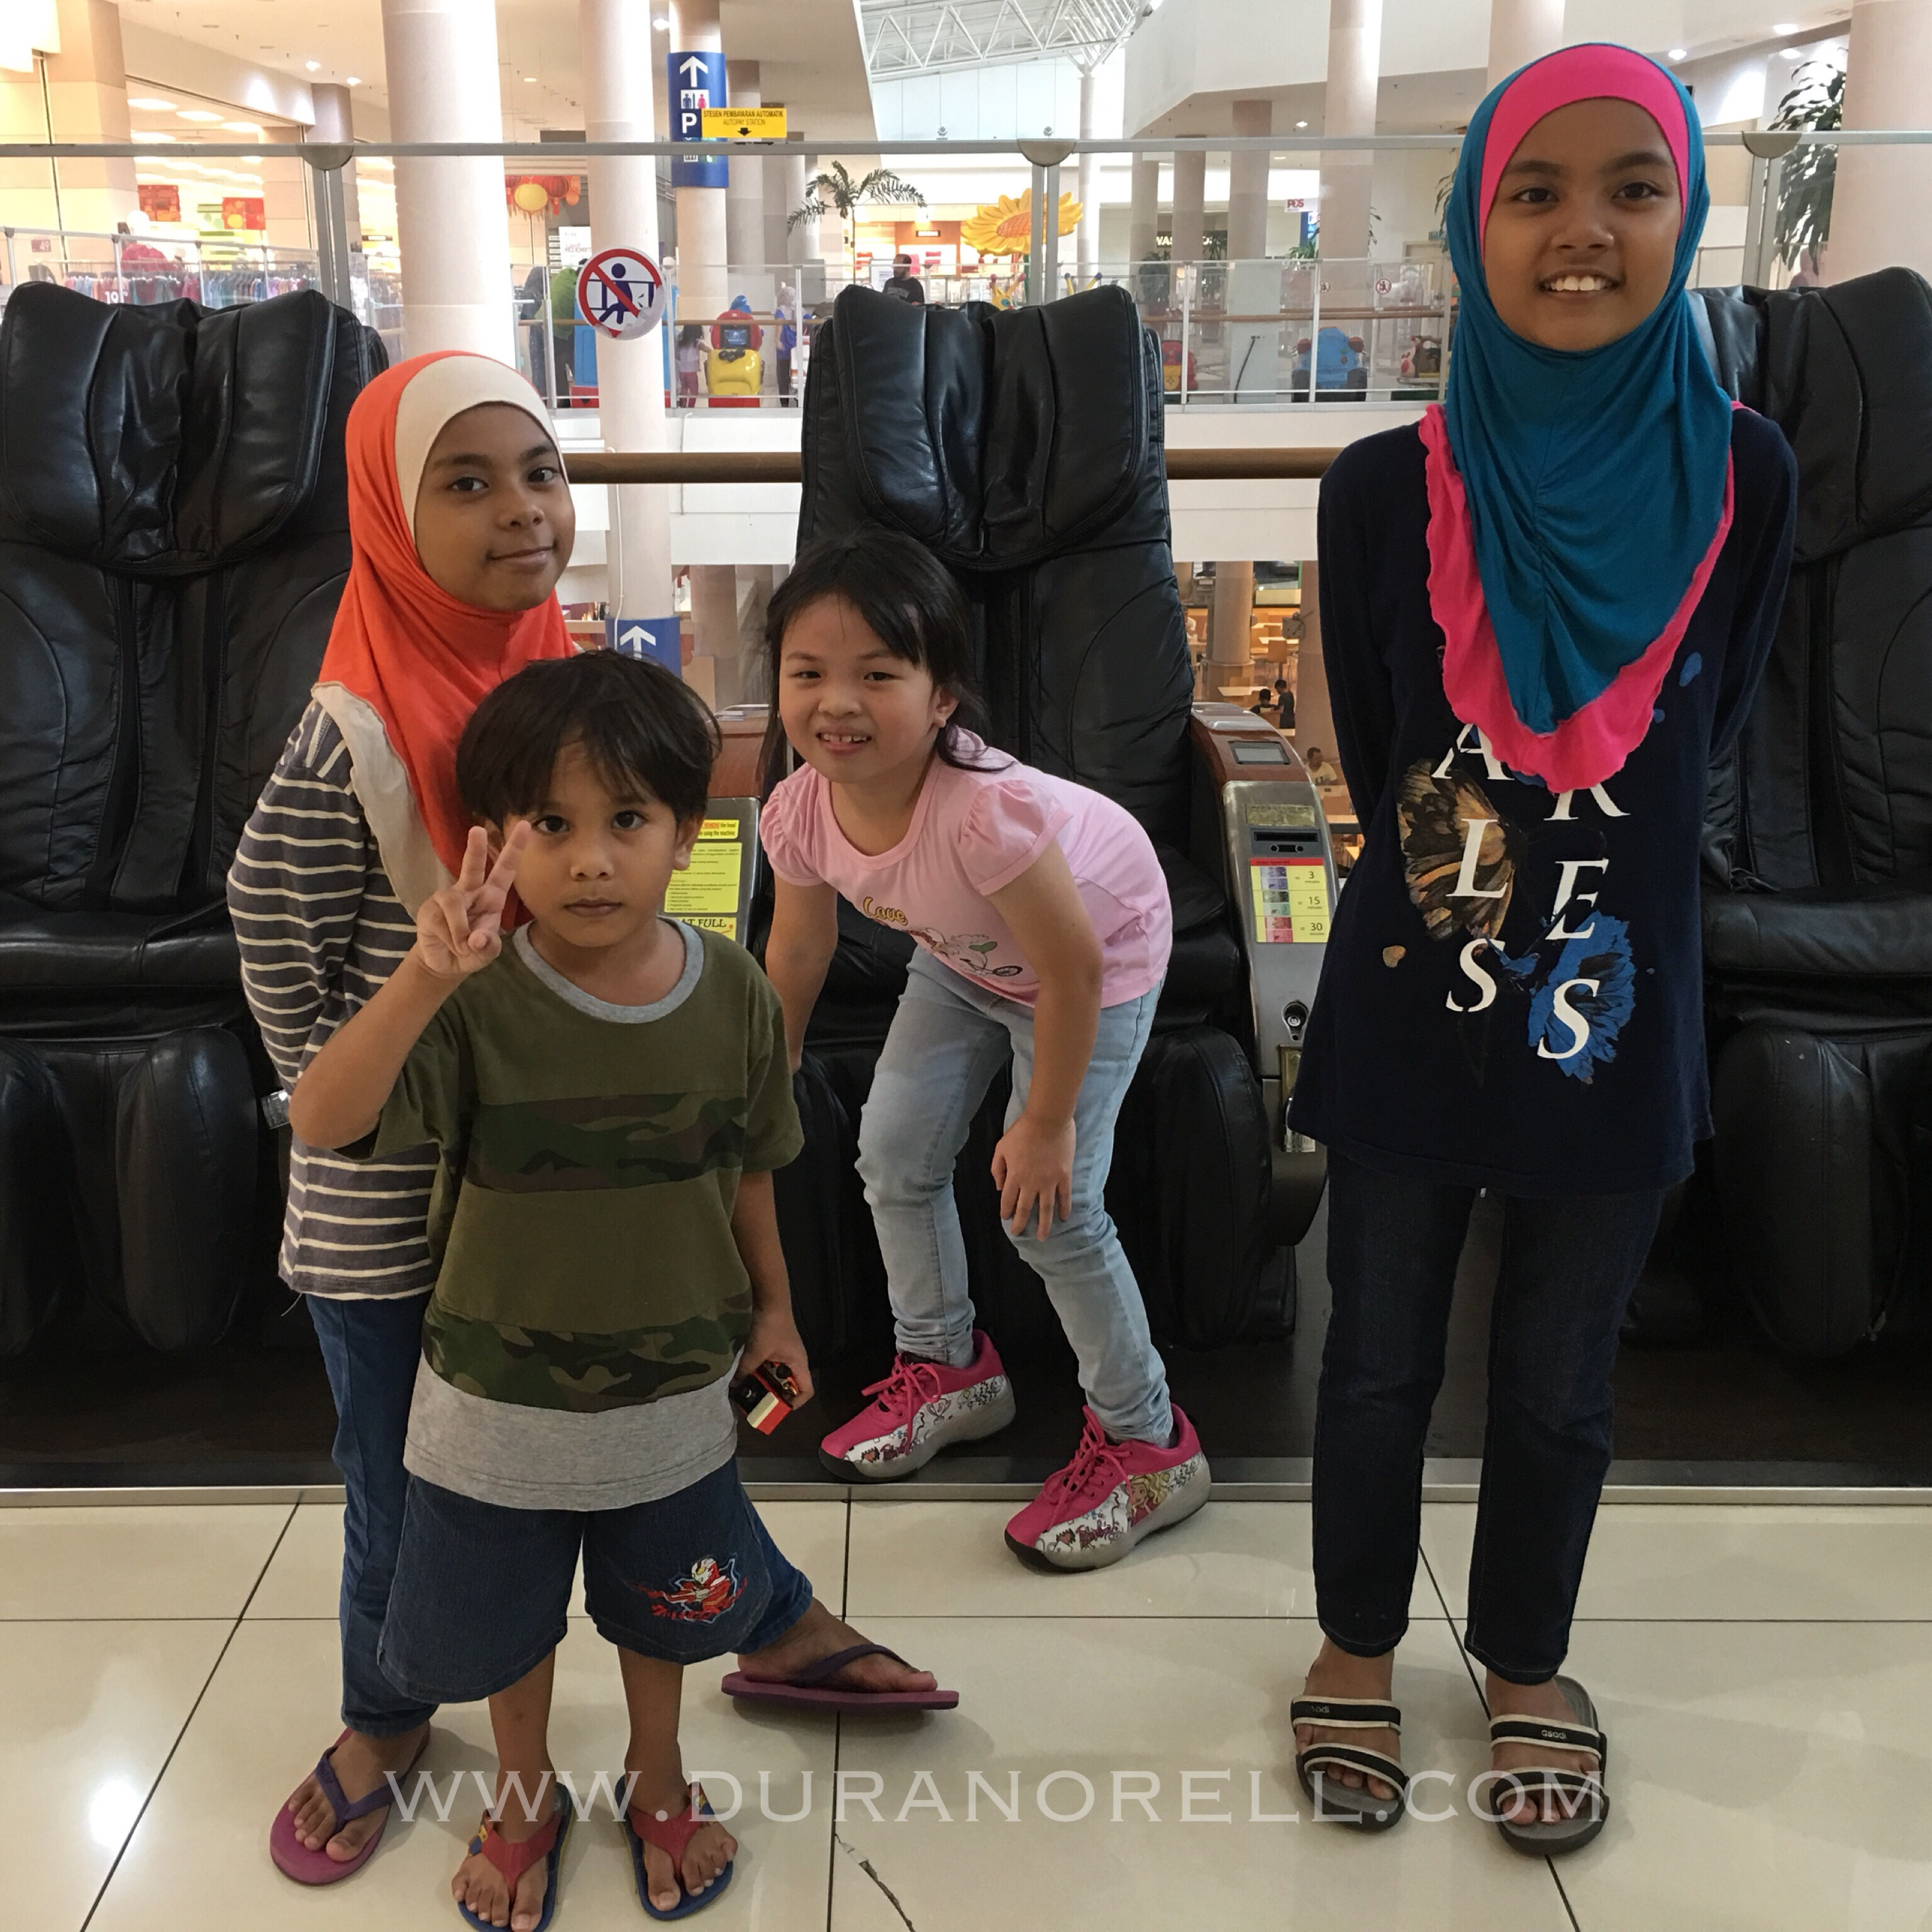 Duranorell.com   The Zizis Journey - Kisah Anak Yatim